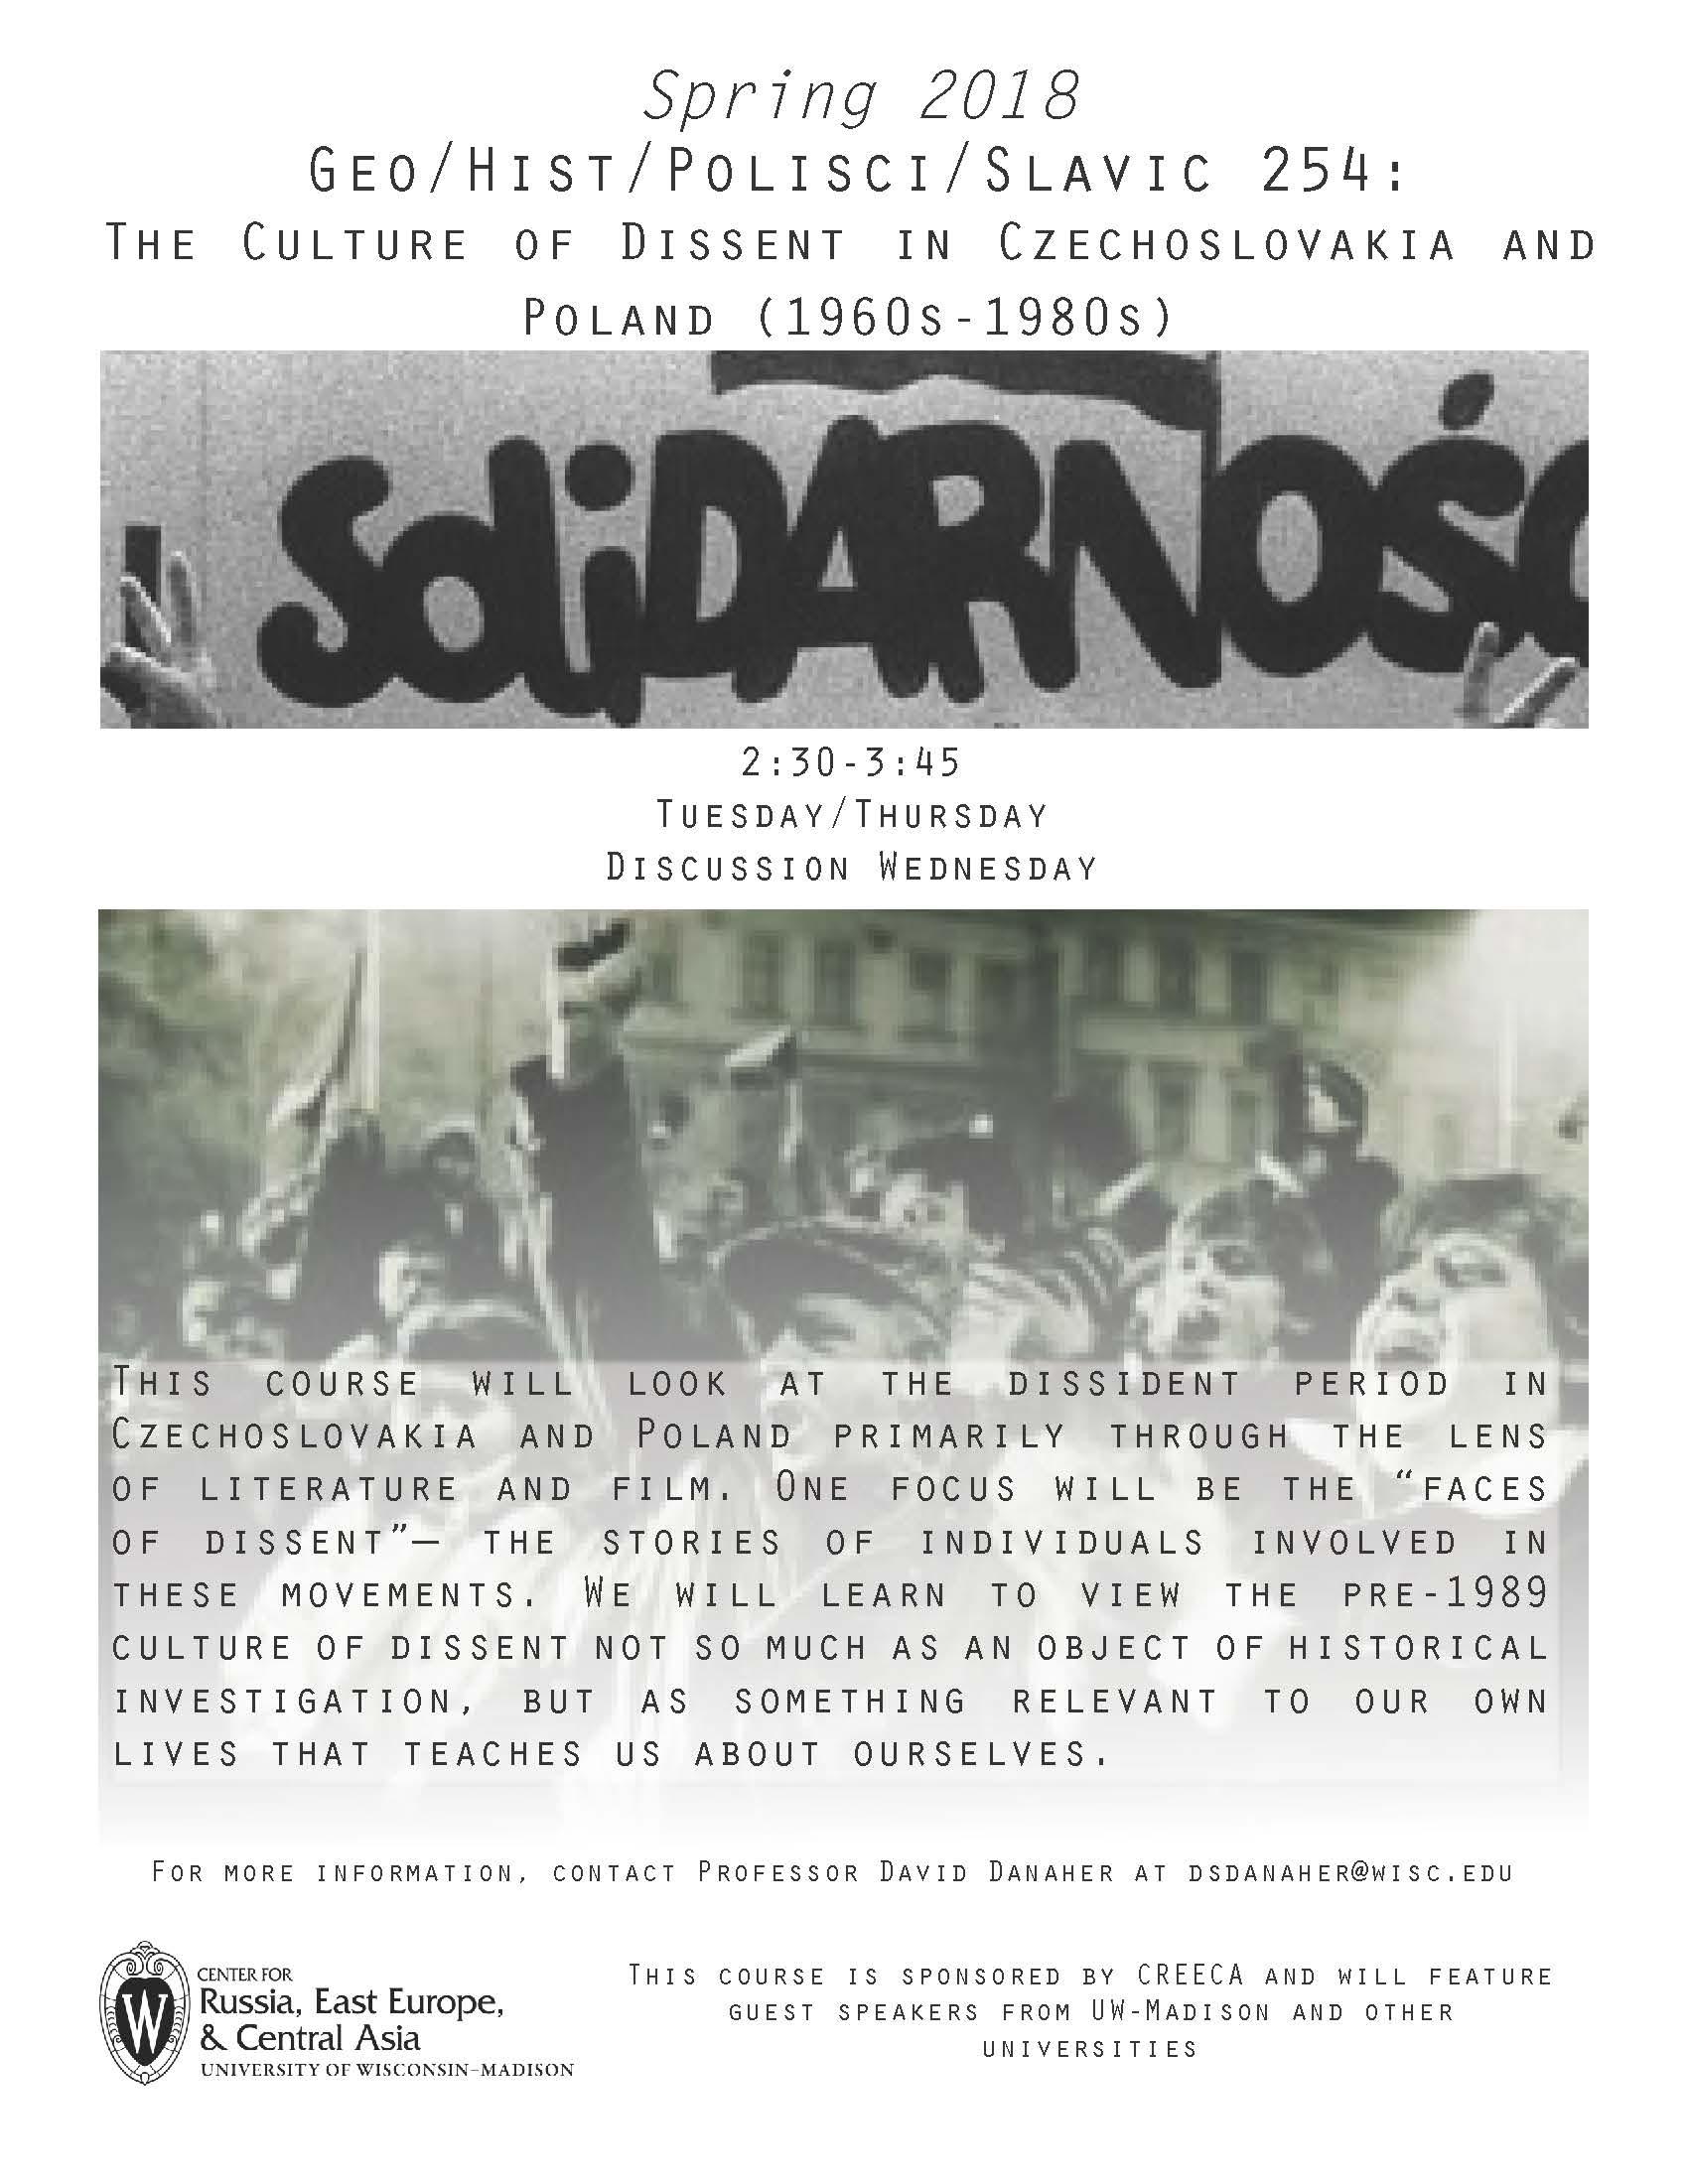 Slavic 254 Poster